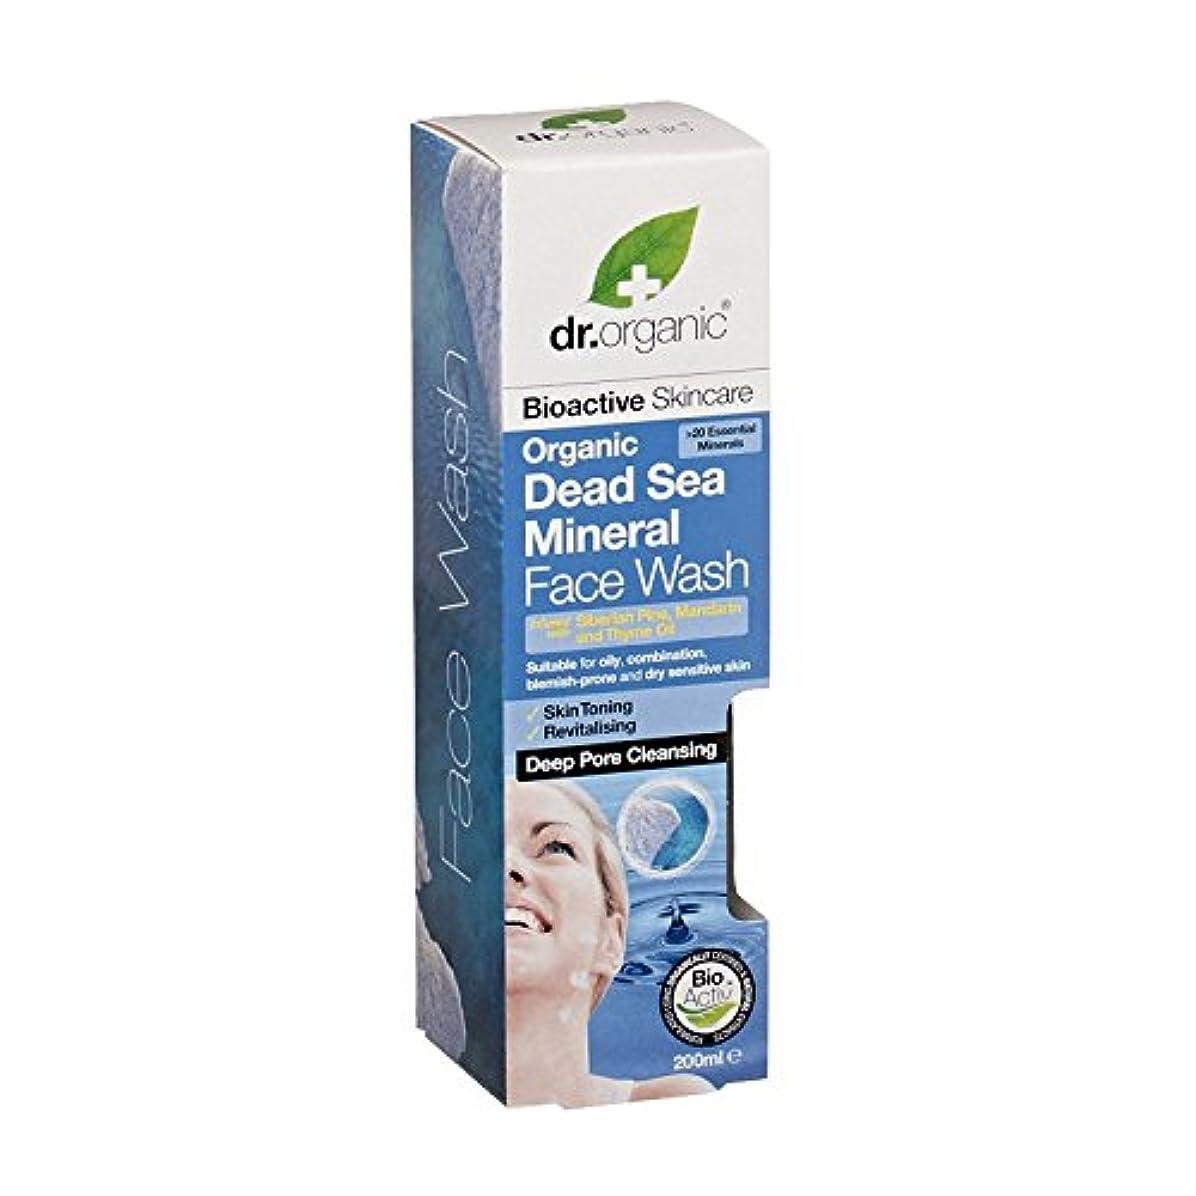 第九キャメル状態Dr有機死海のミネラル洗顔 - Dr Organic Dead Sea Mineral Face Wash (Dr Organic) [並行輸入品]